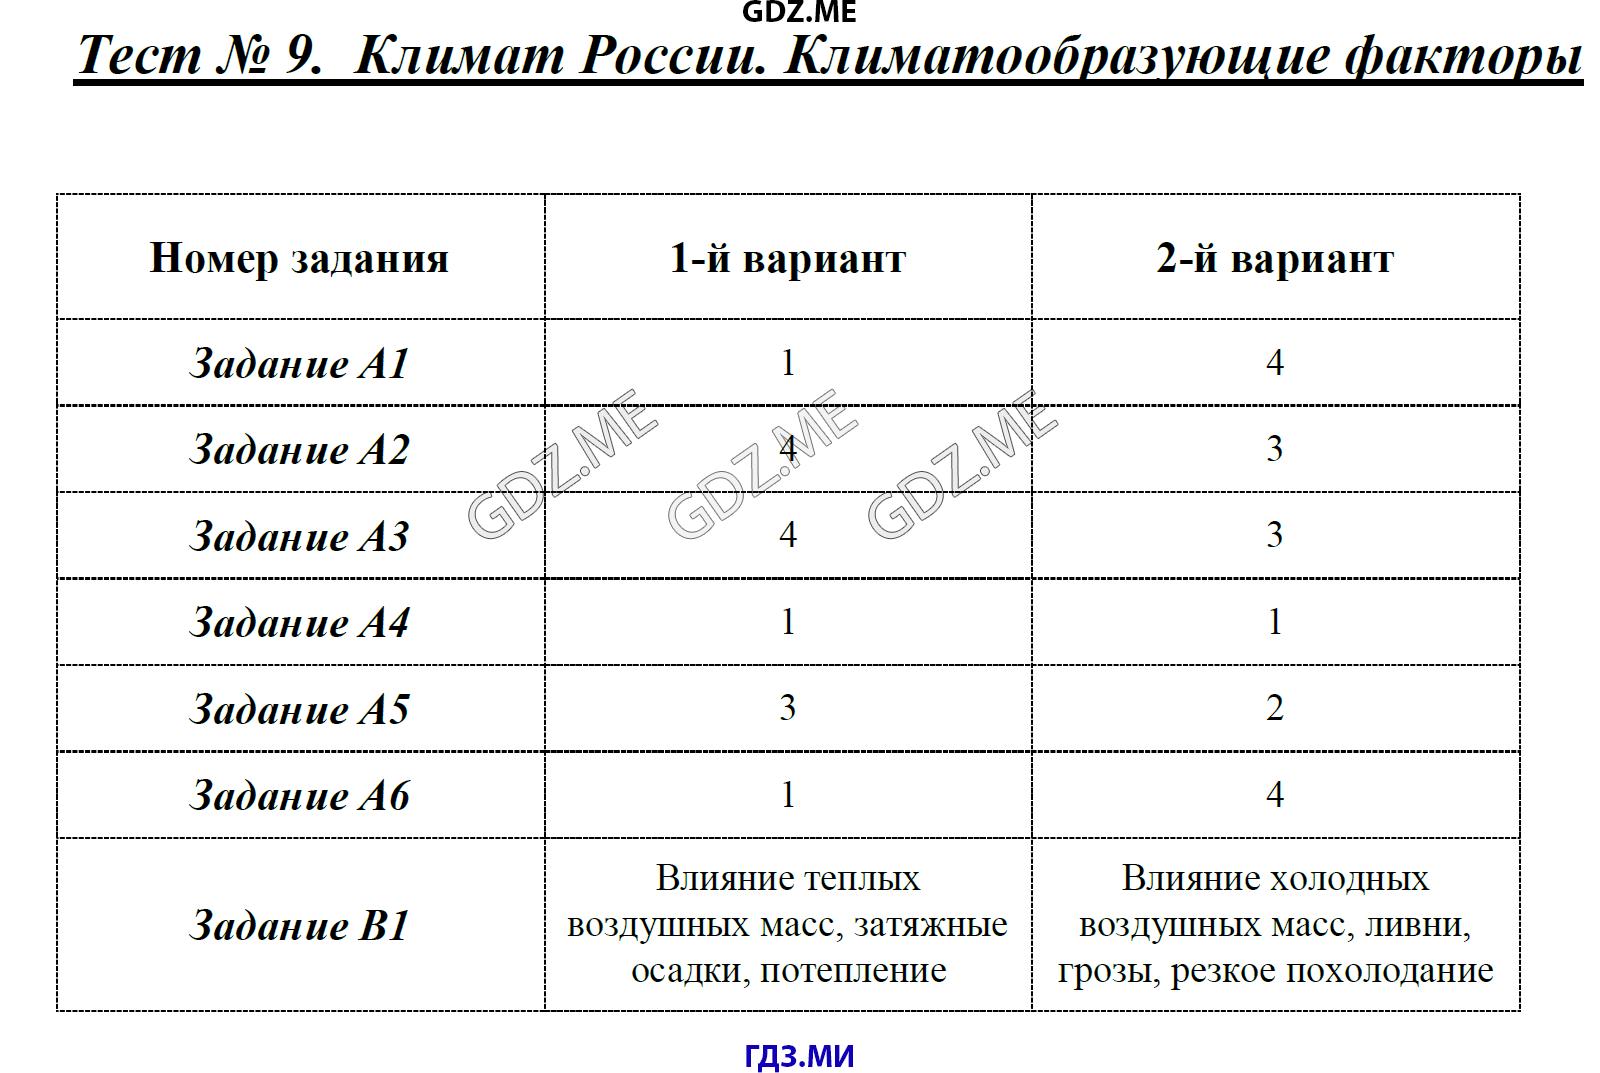 Гдз по географии 8 класс параграф 10 типы климатов россии таблица